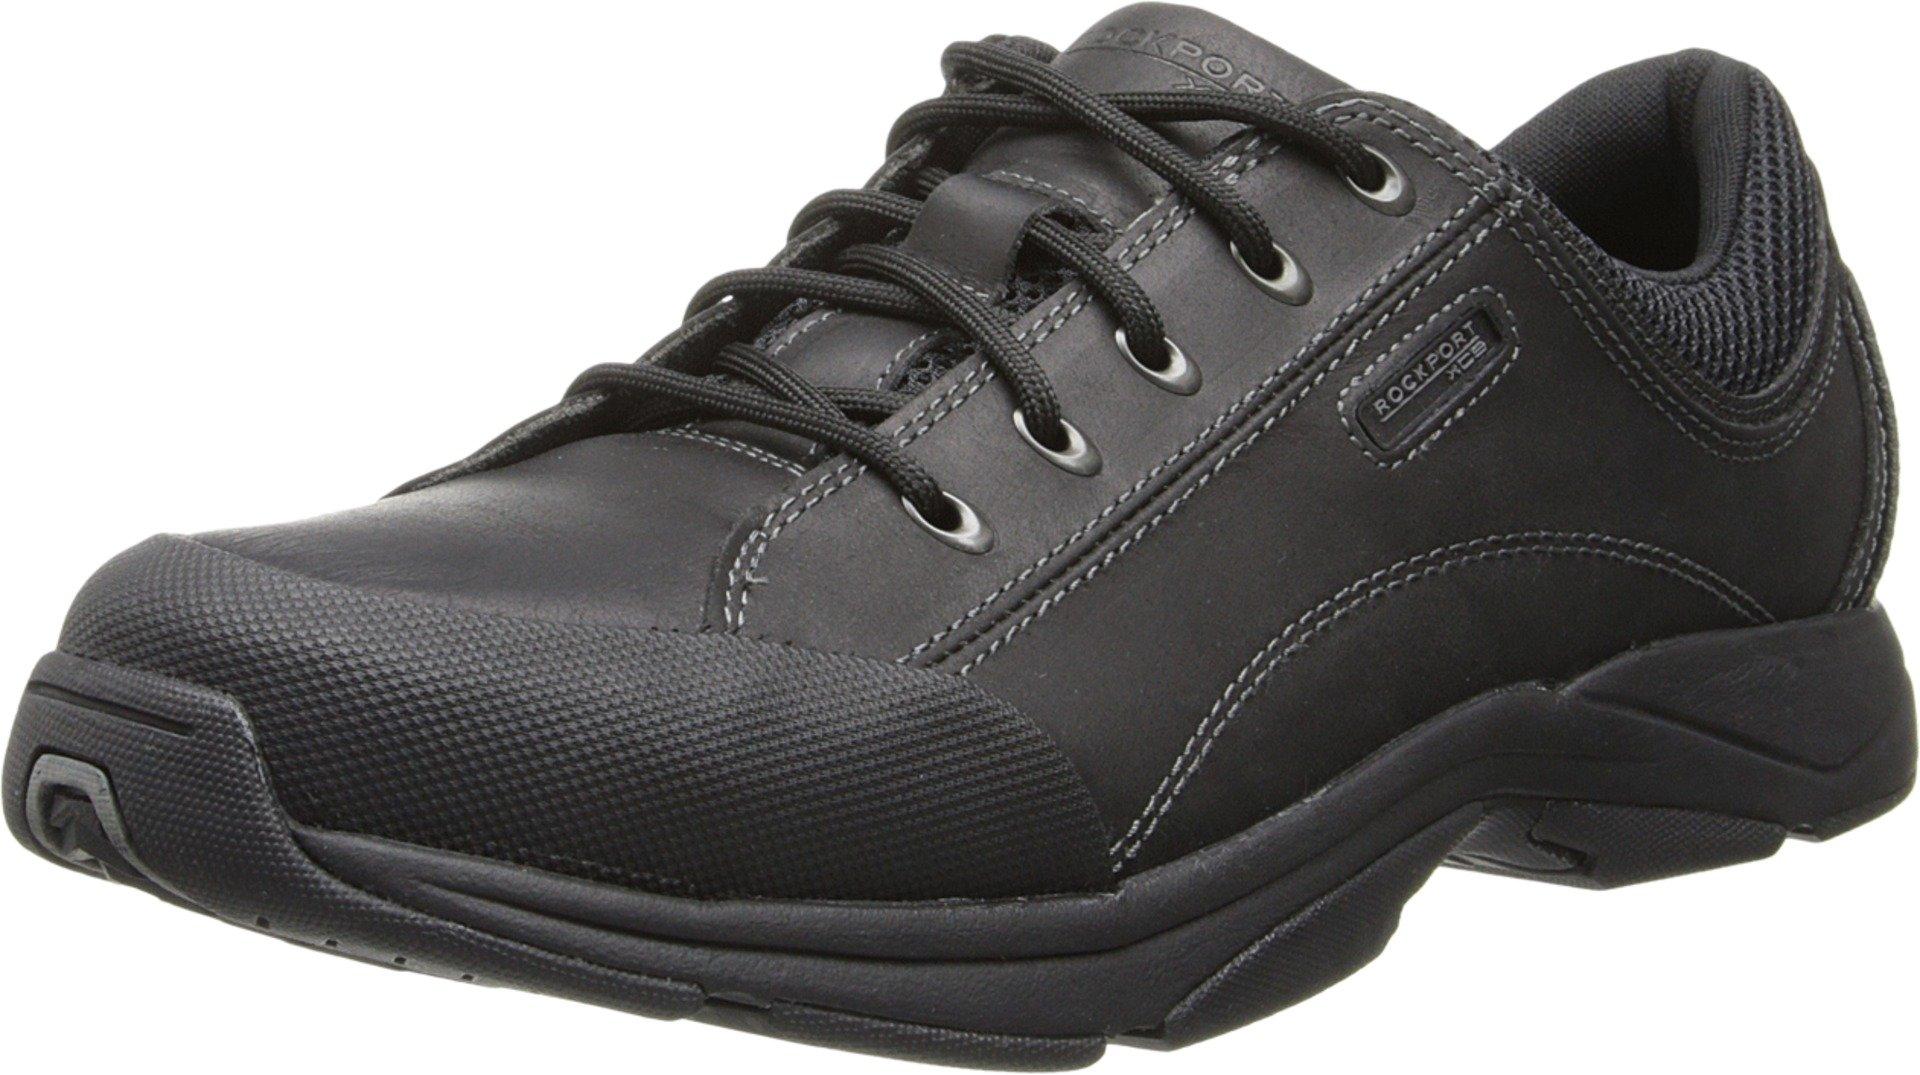 Rockport Men's Chranson Black 7 M (D)-7 M